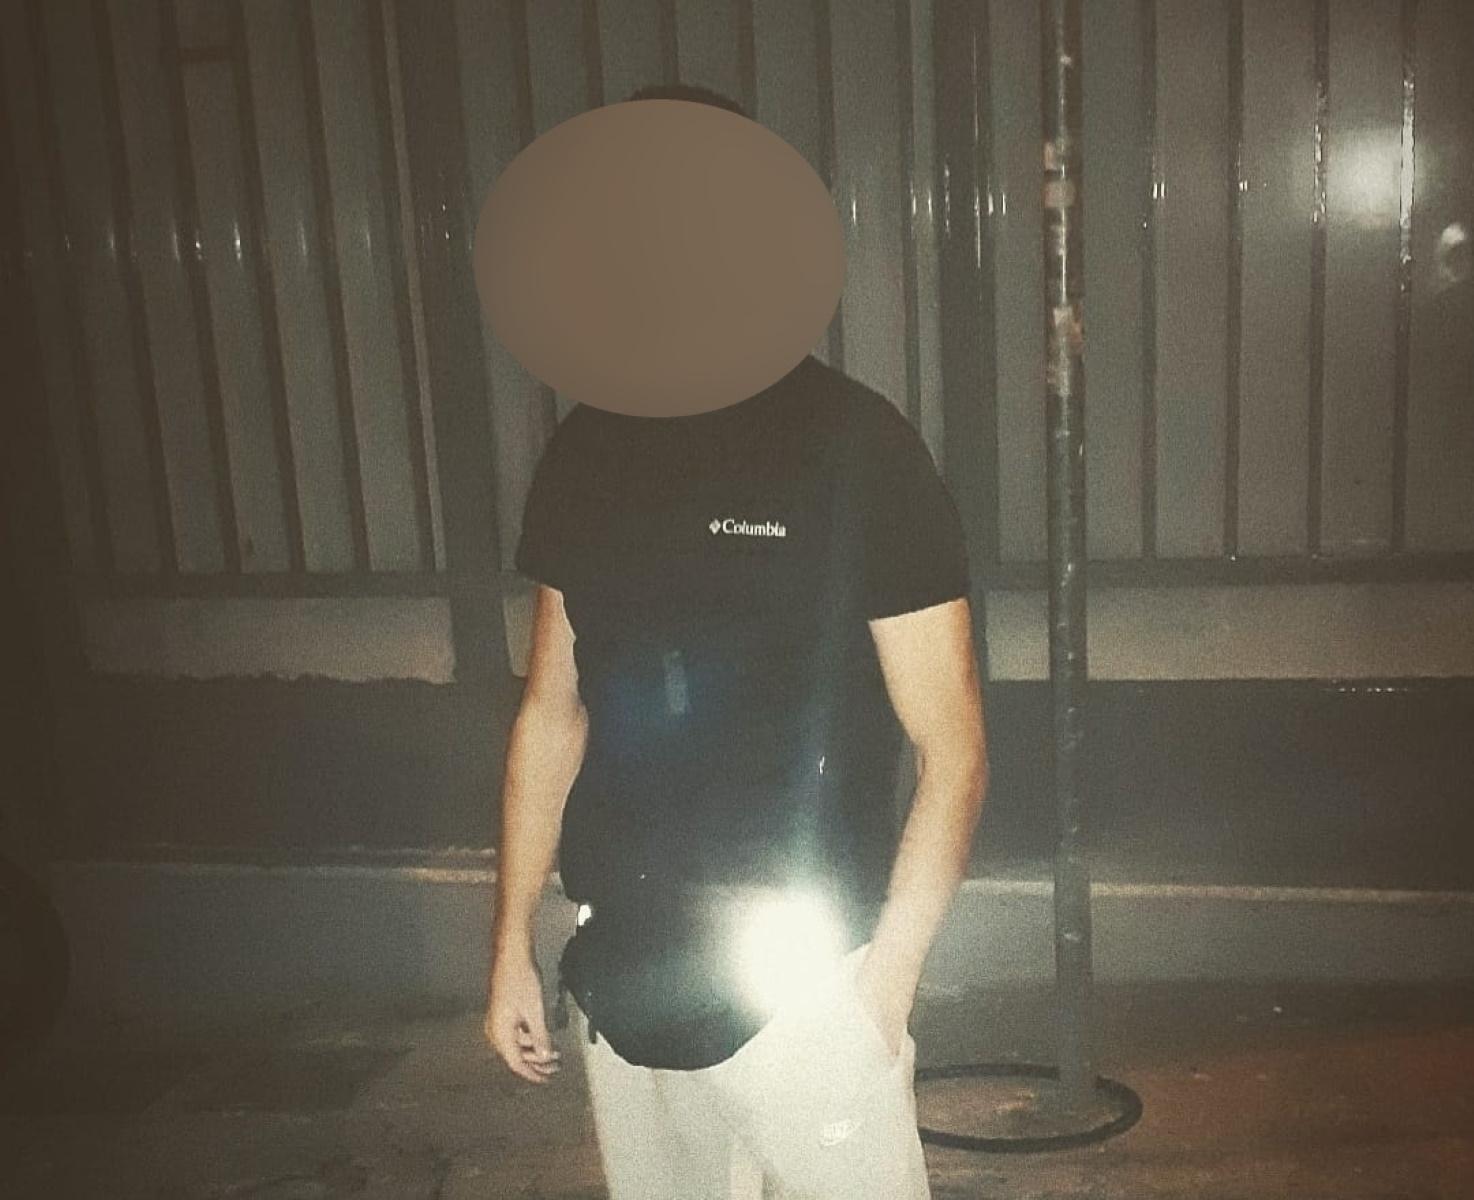 Ξυλοδαρμός στο Μετρό: Αυτός είναι ο ένας από τους δύο δράστες – Οι κατηγορίες που τους απαγγέλθηκαν